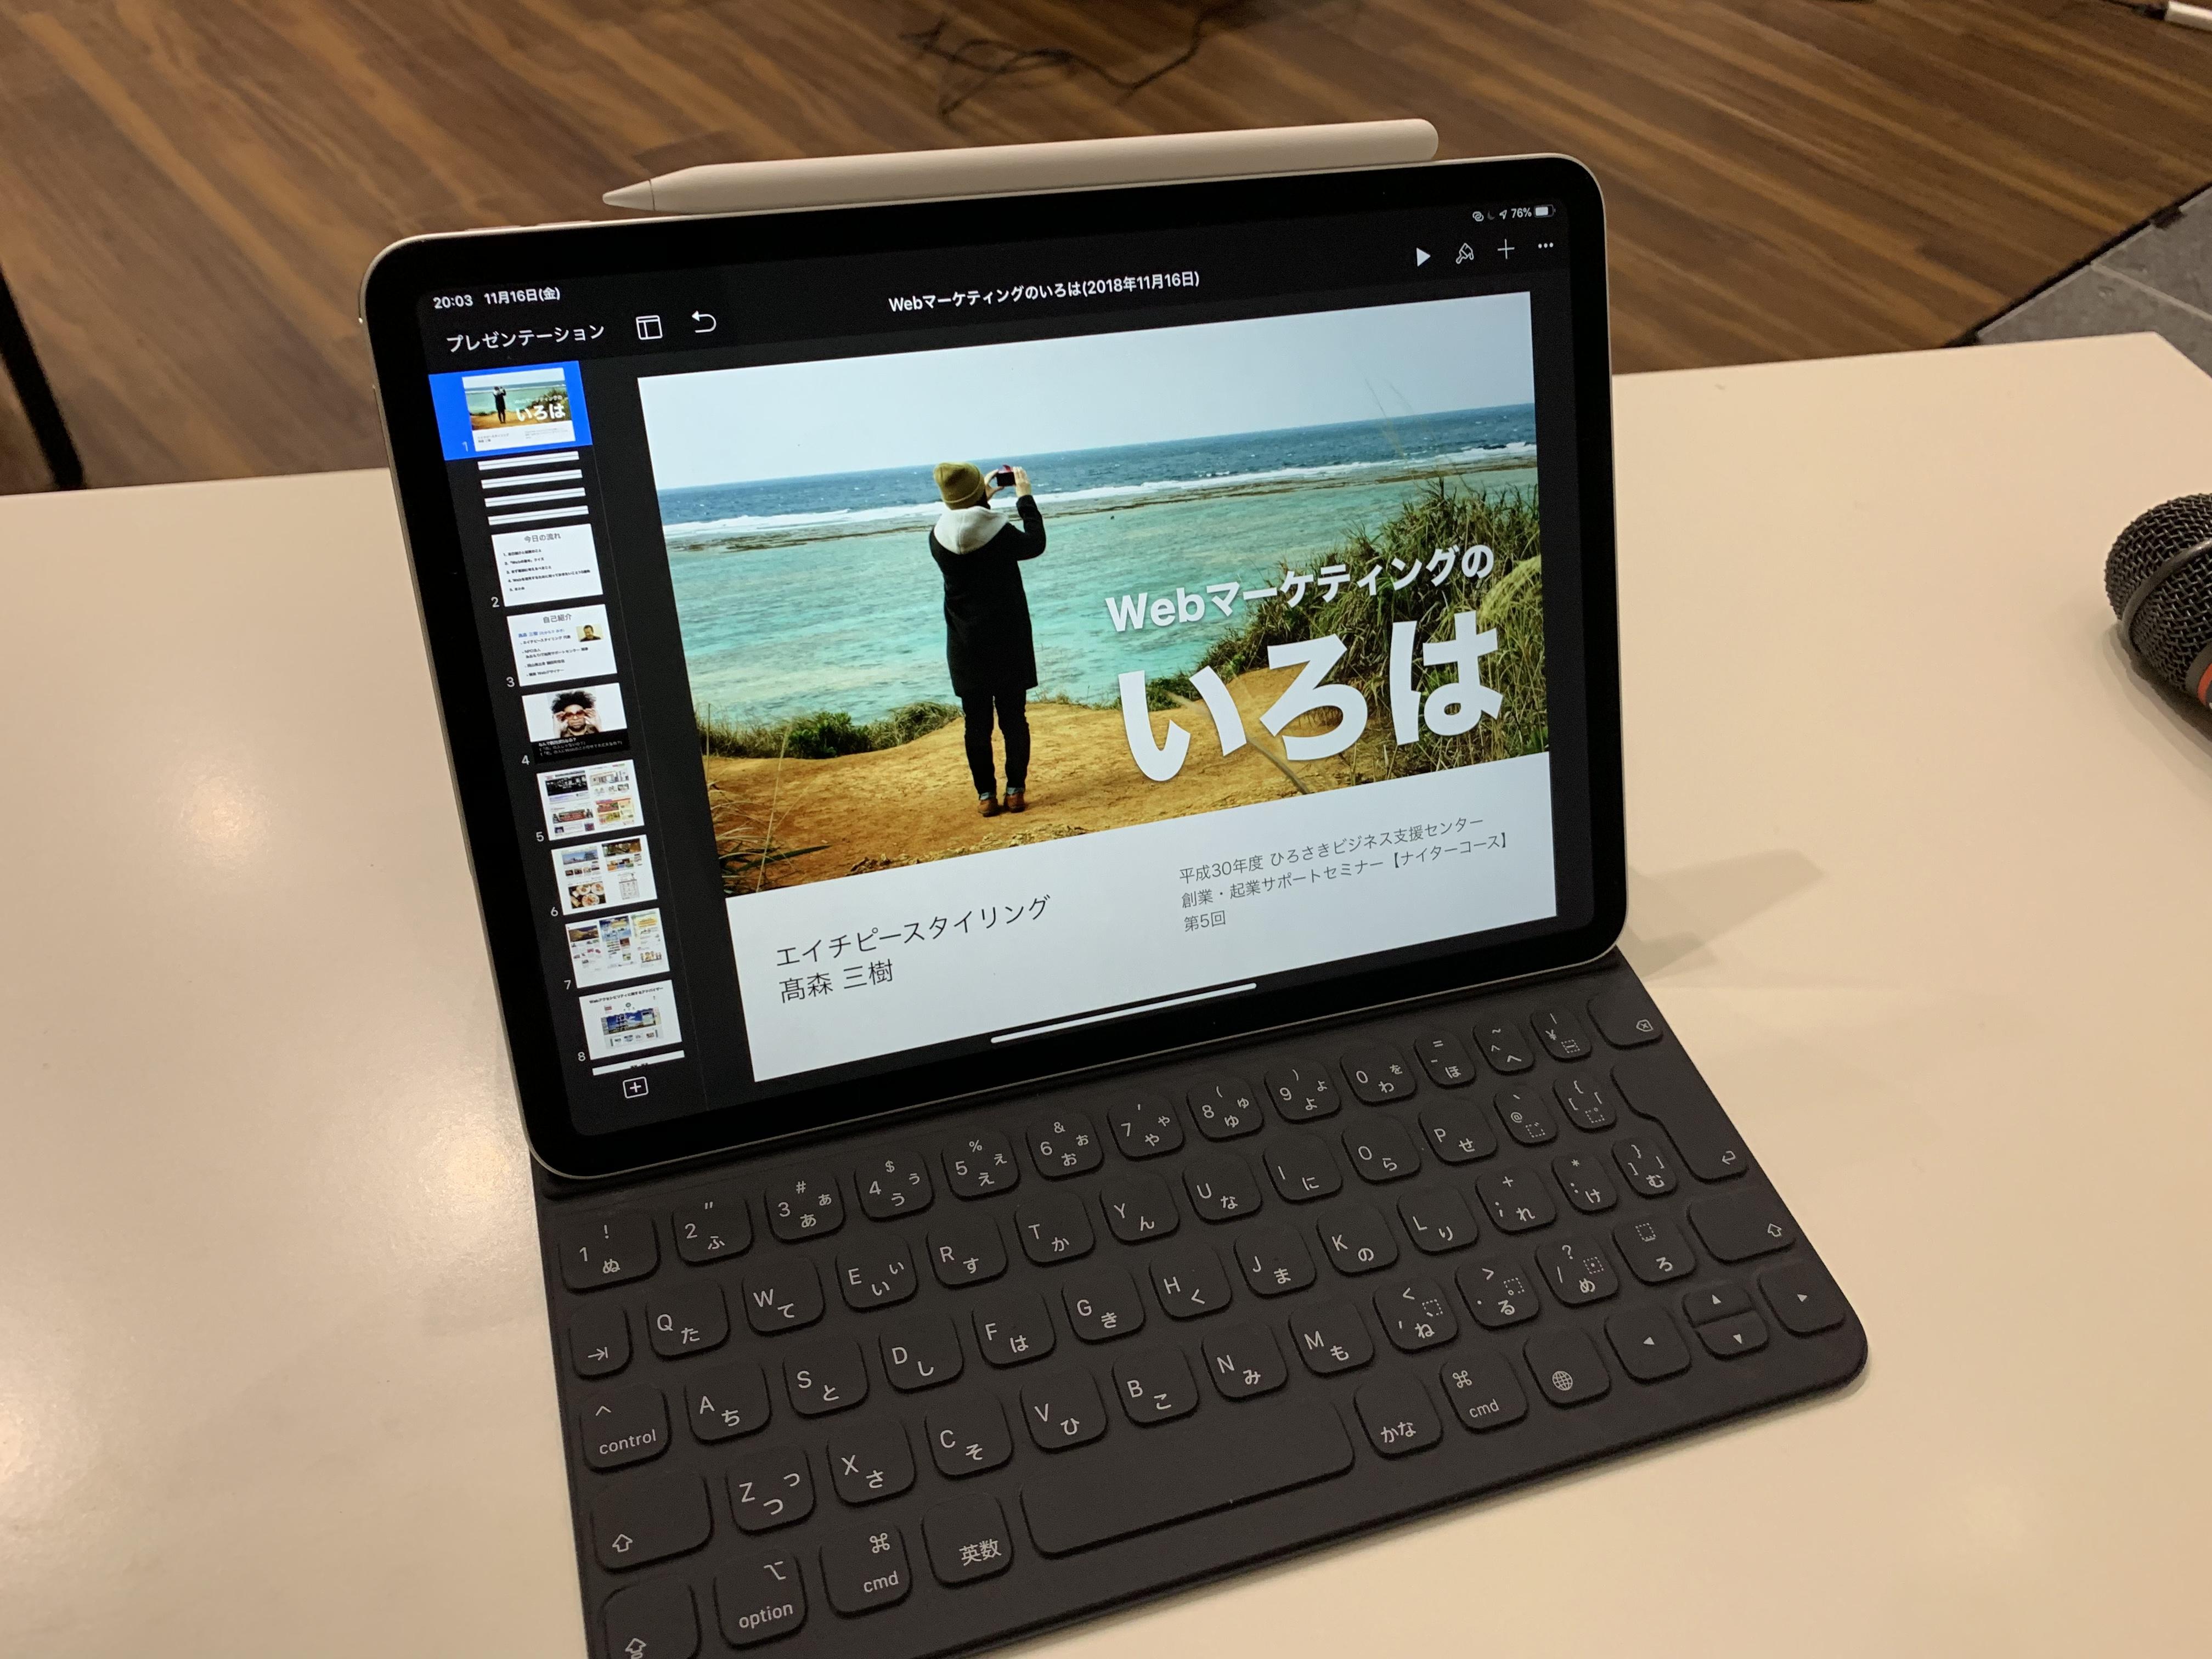 セミナーのスライド表示したiPad Pro